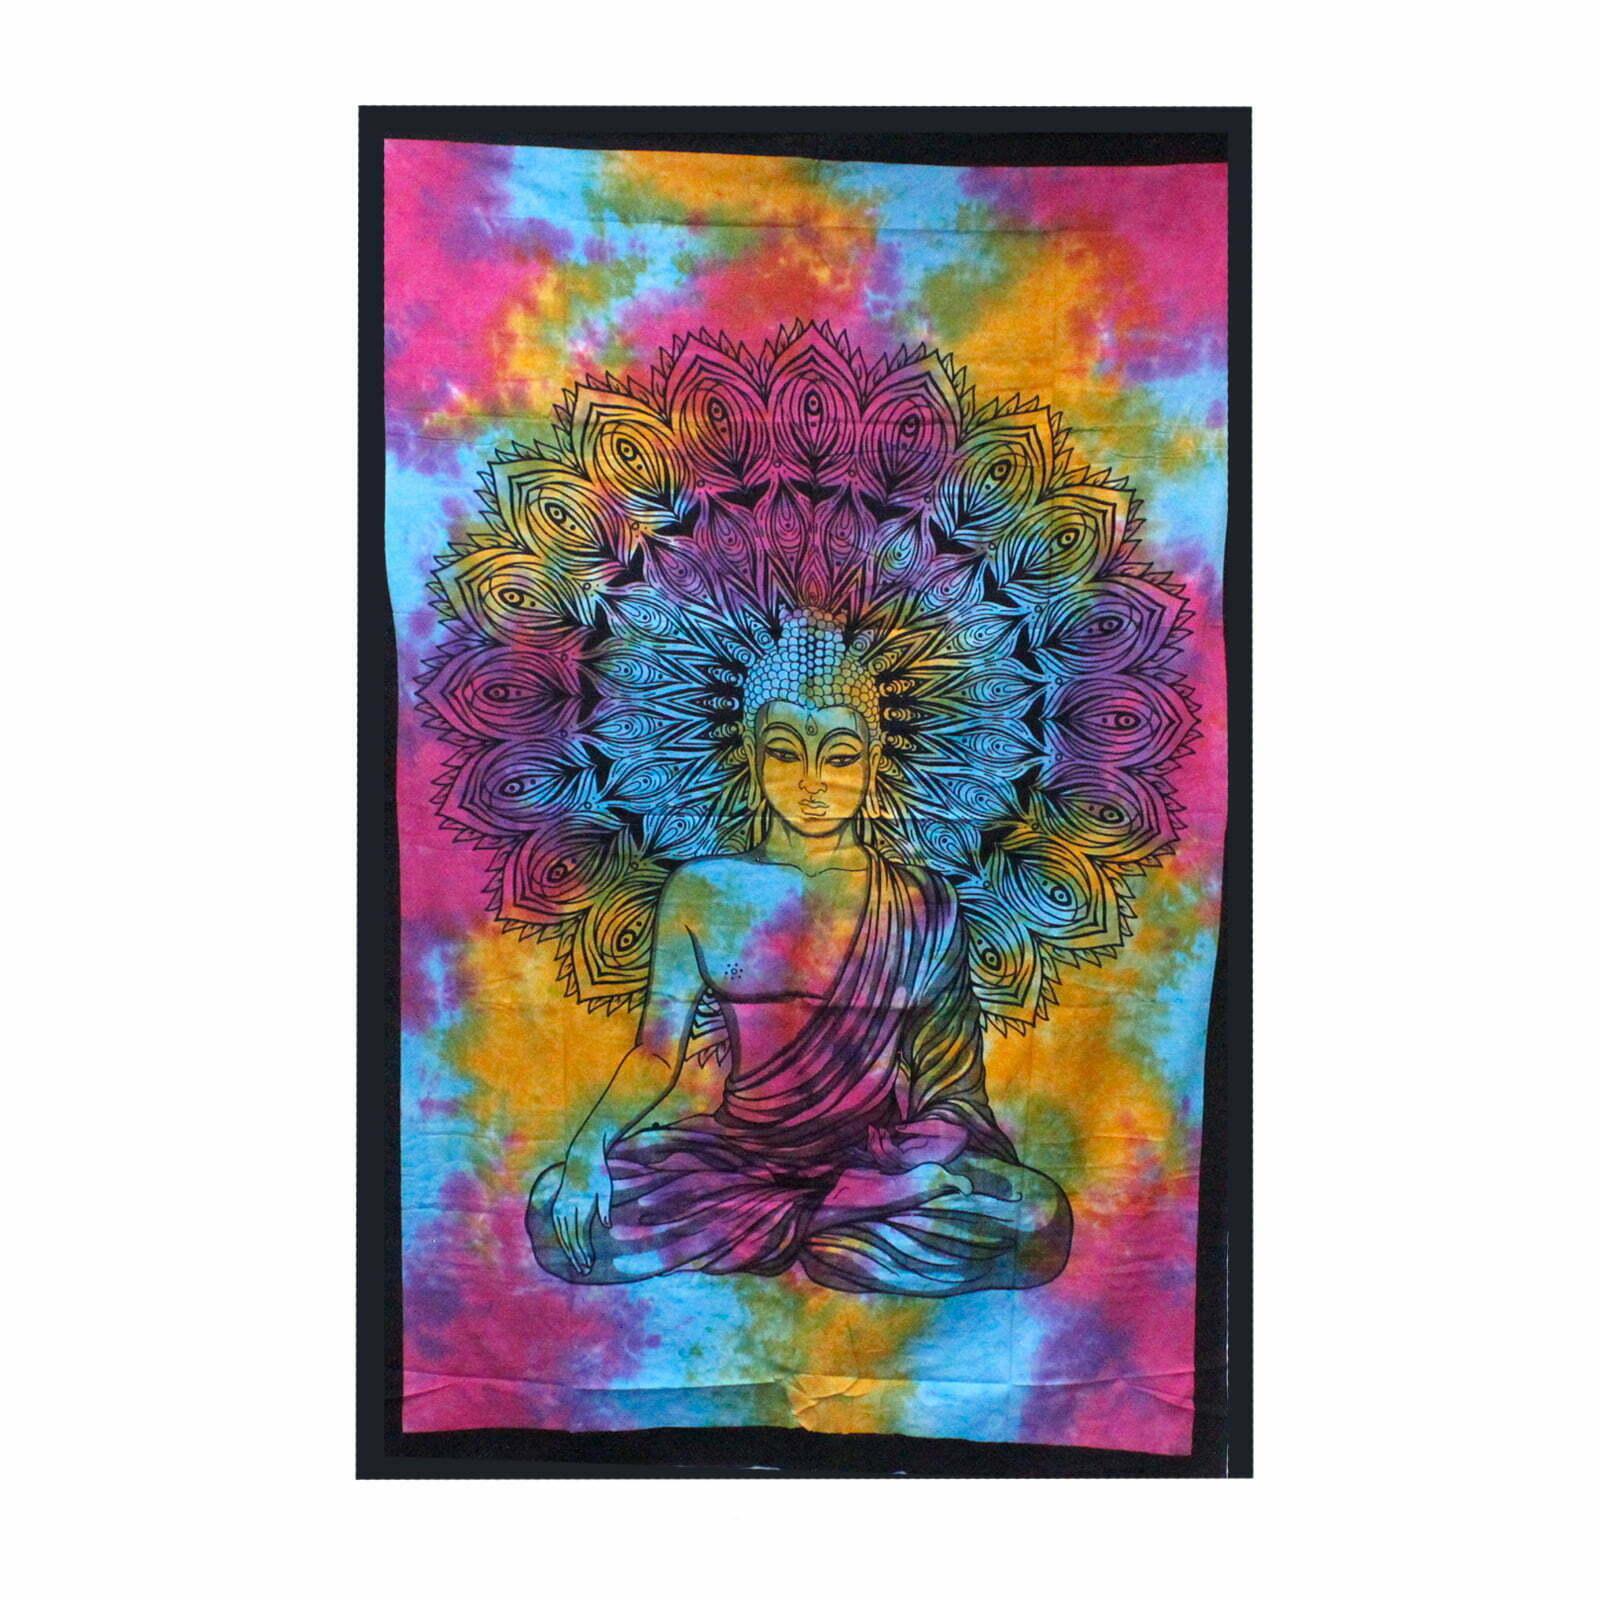 Colcha de algodão duplo – Buda do Pacífico